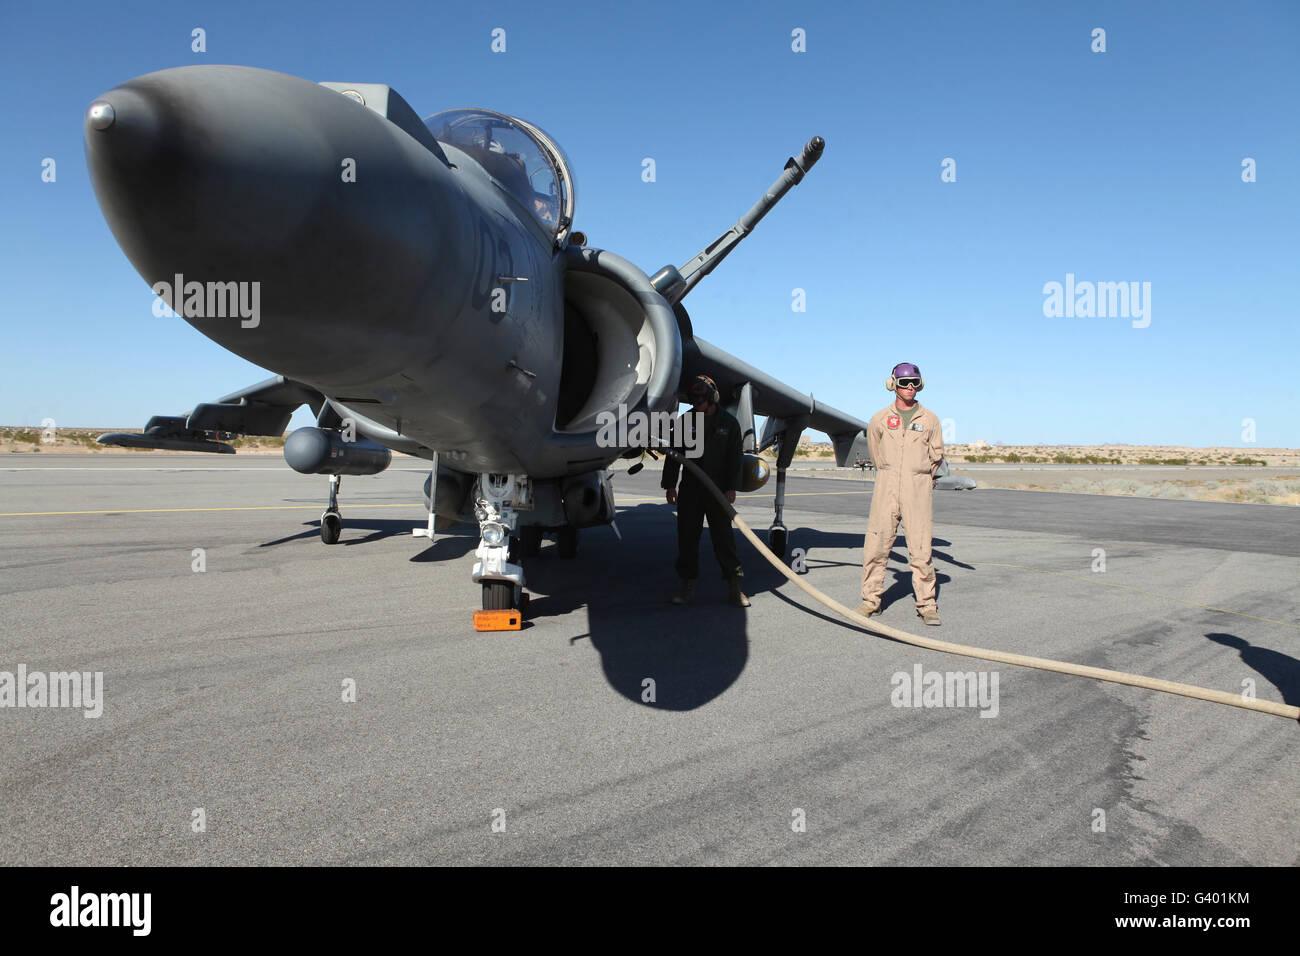 U.S. Marine Corps air crewmen refuel an AV-8B Harrier II aircraft. Stock Photo